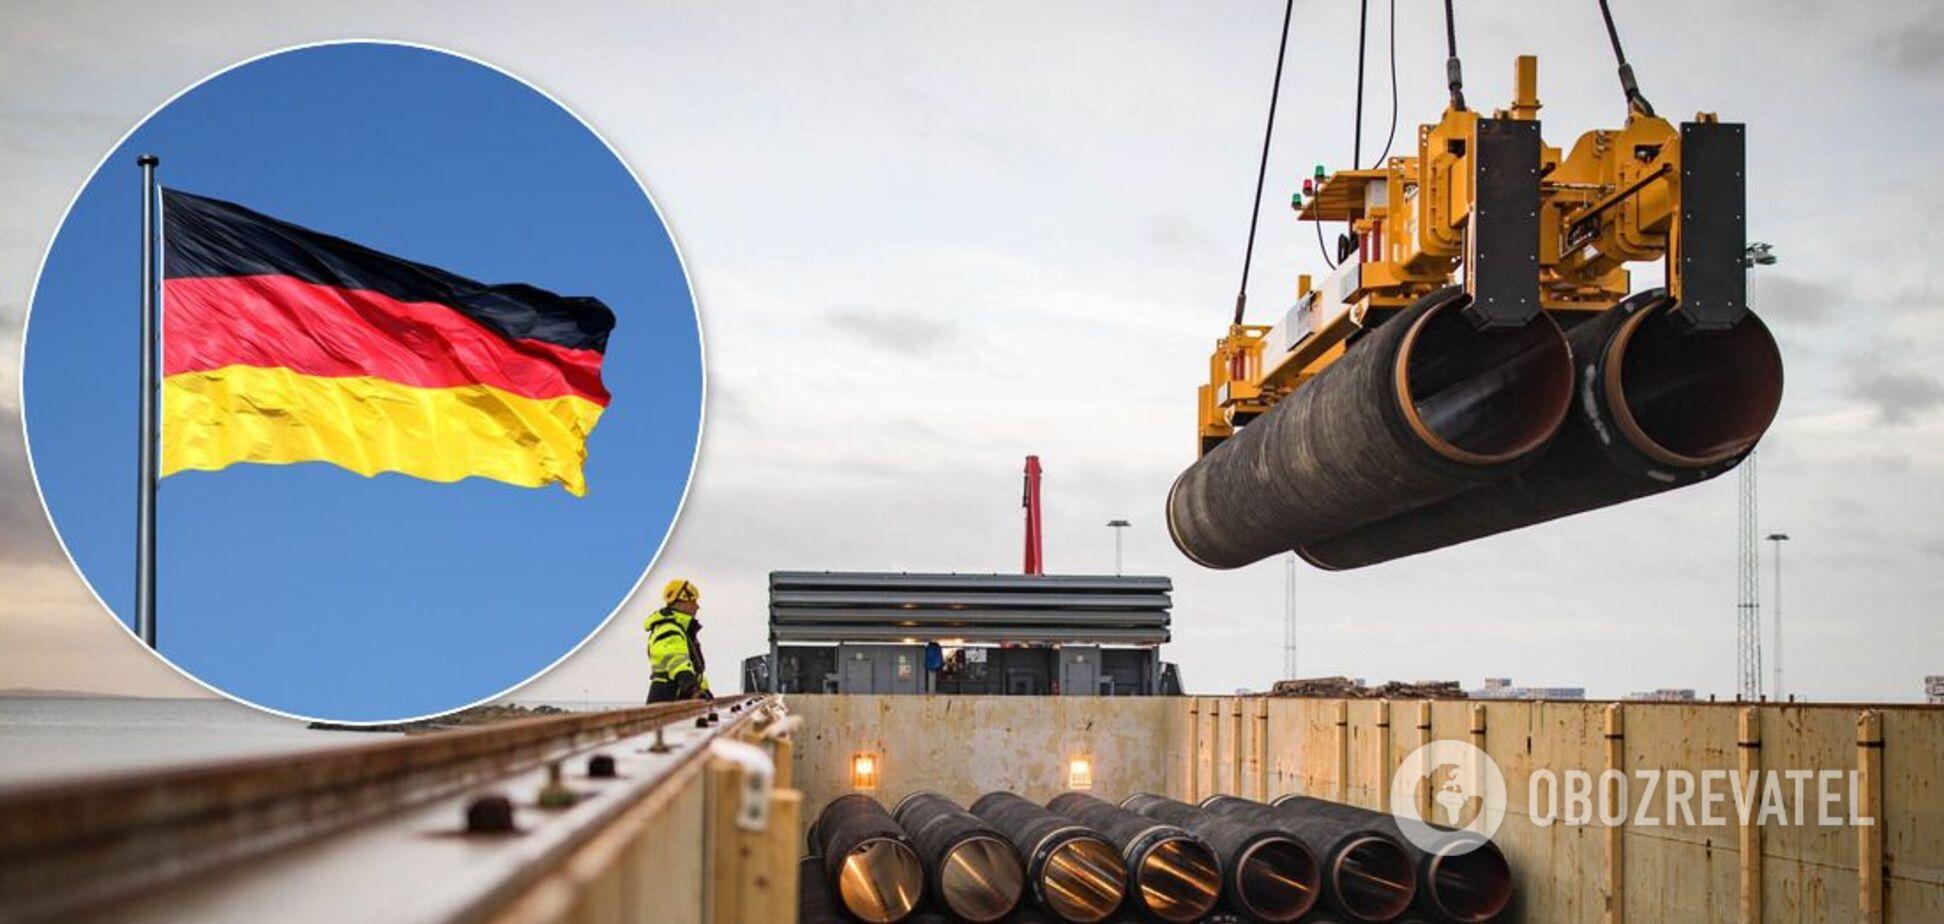 Суперечка про будівництво 'Північного потоку-2' загострився: в ФРН просять зупинити проєкт